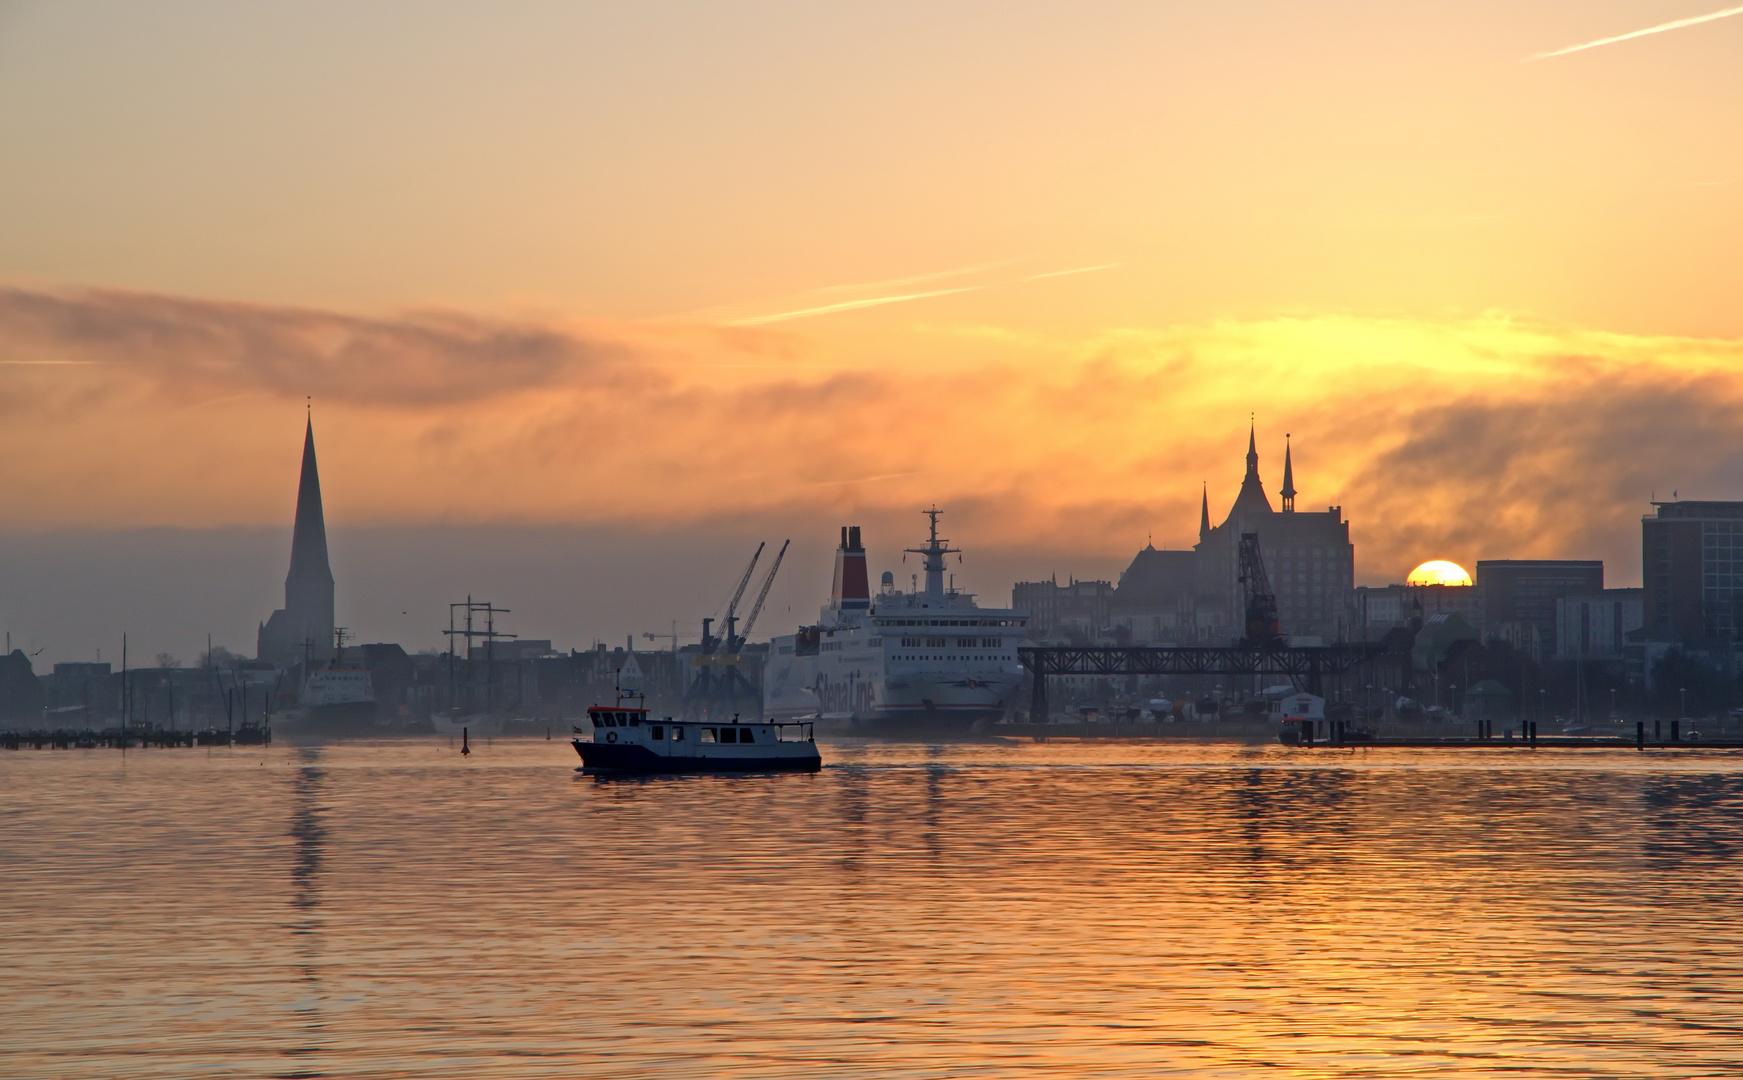 Rostock am frühem Morgen